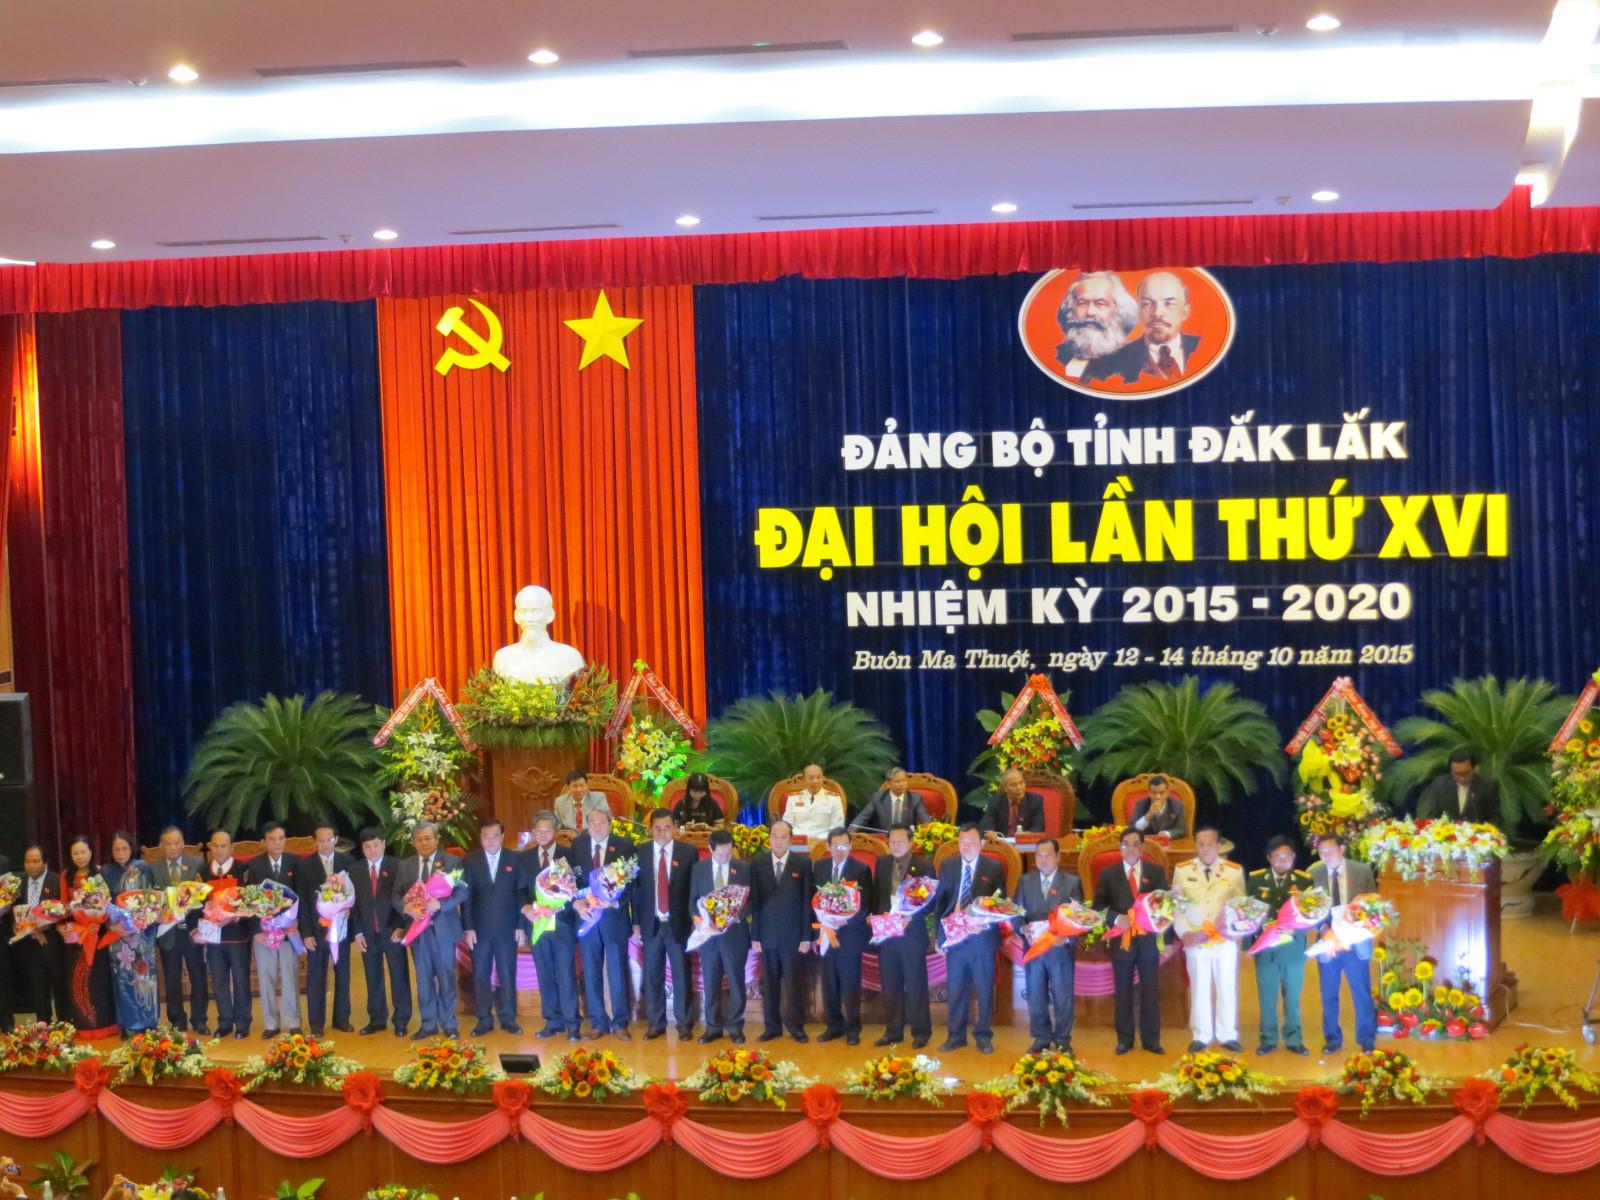 Đắk Lắk chú trọng công tác xây dựng tổ chức cơ sở Đảng, nâng cao chất lượng đảng viên.